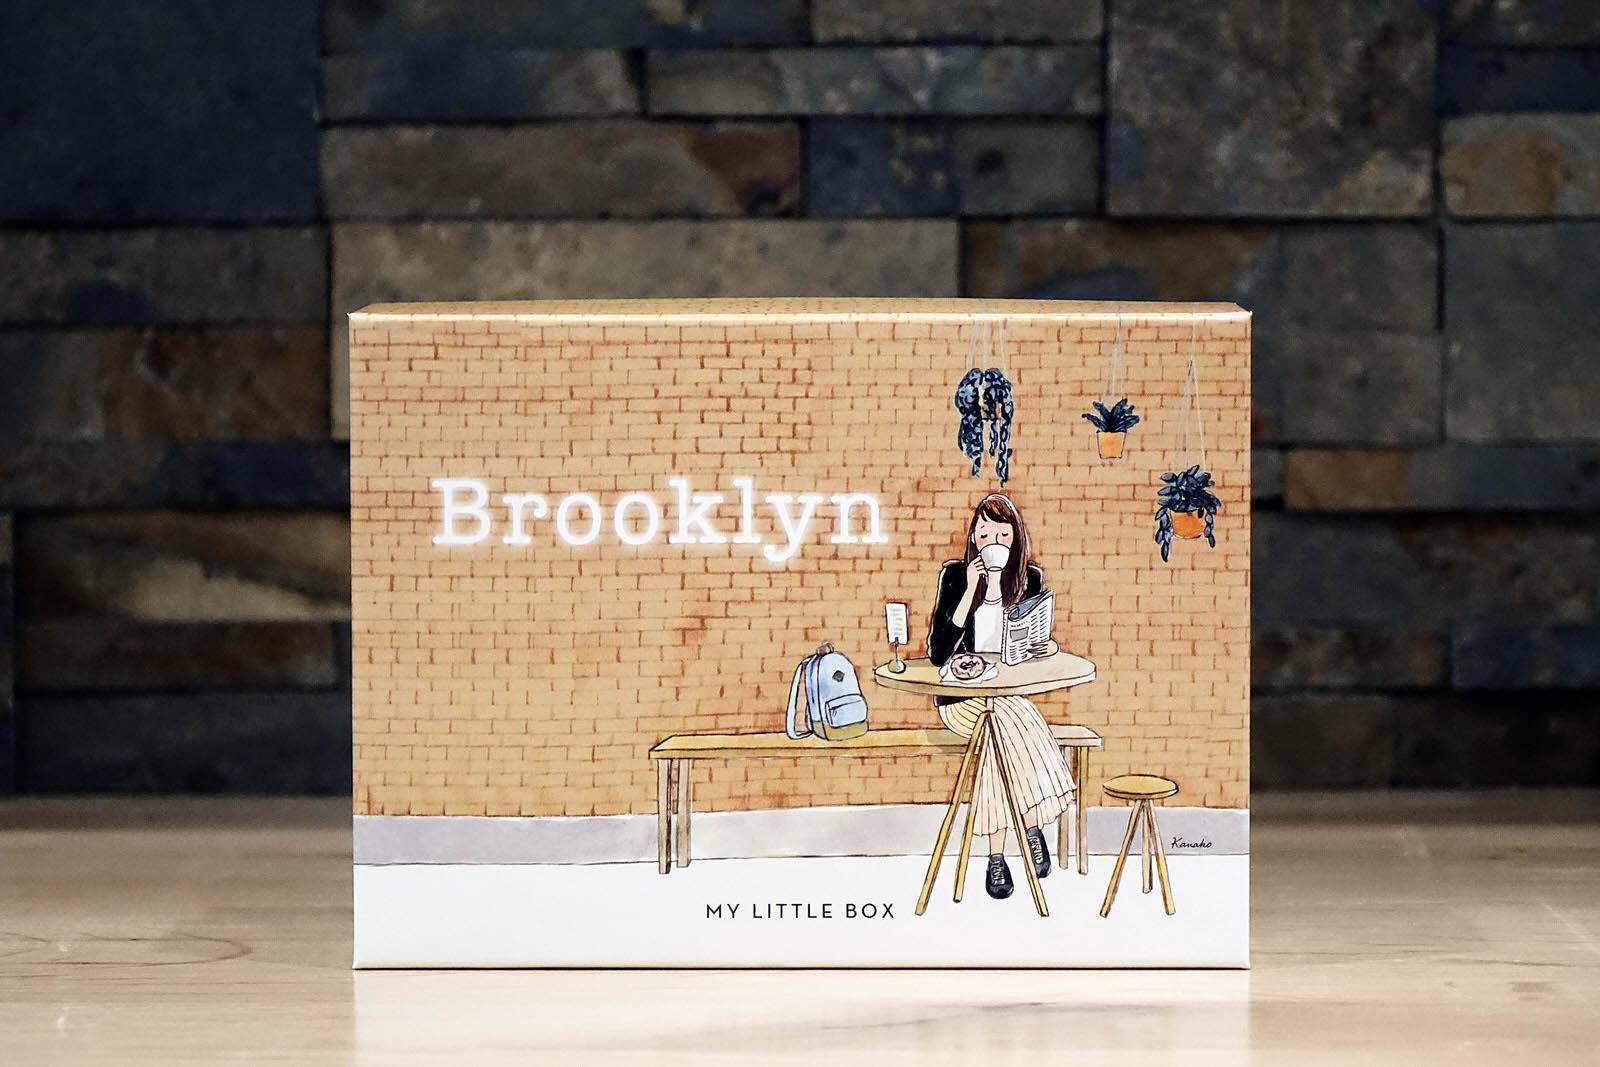 janis-en-sucre-my-little-box-brooklun-01